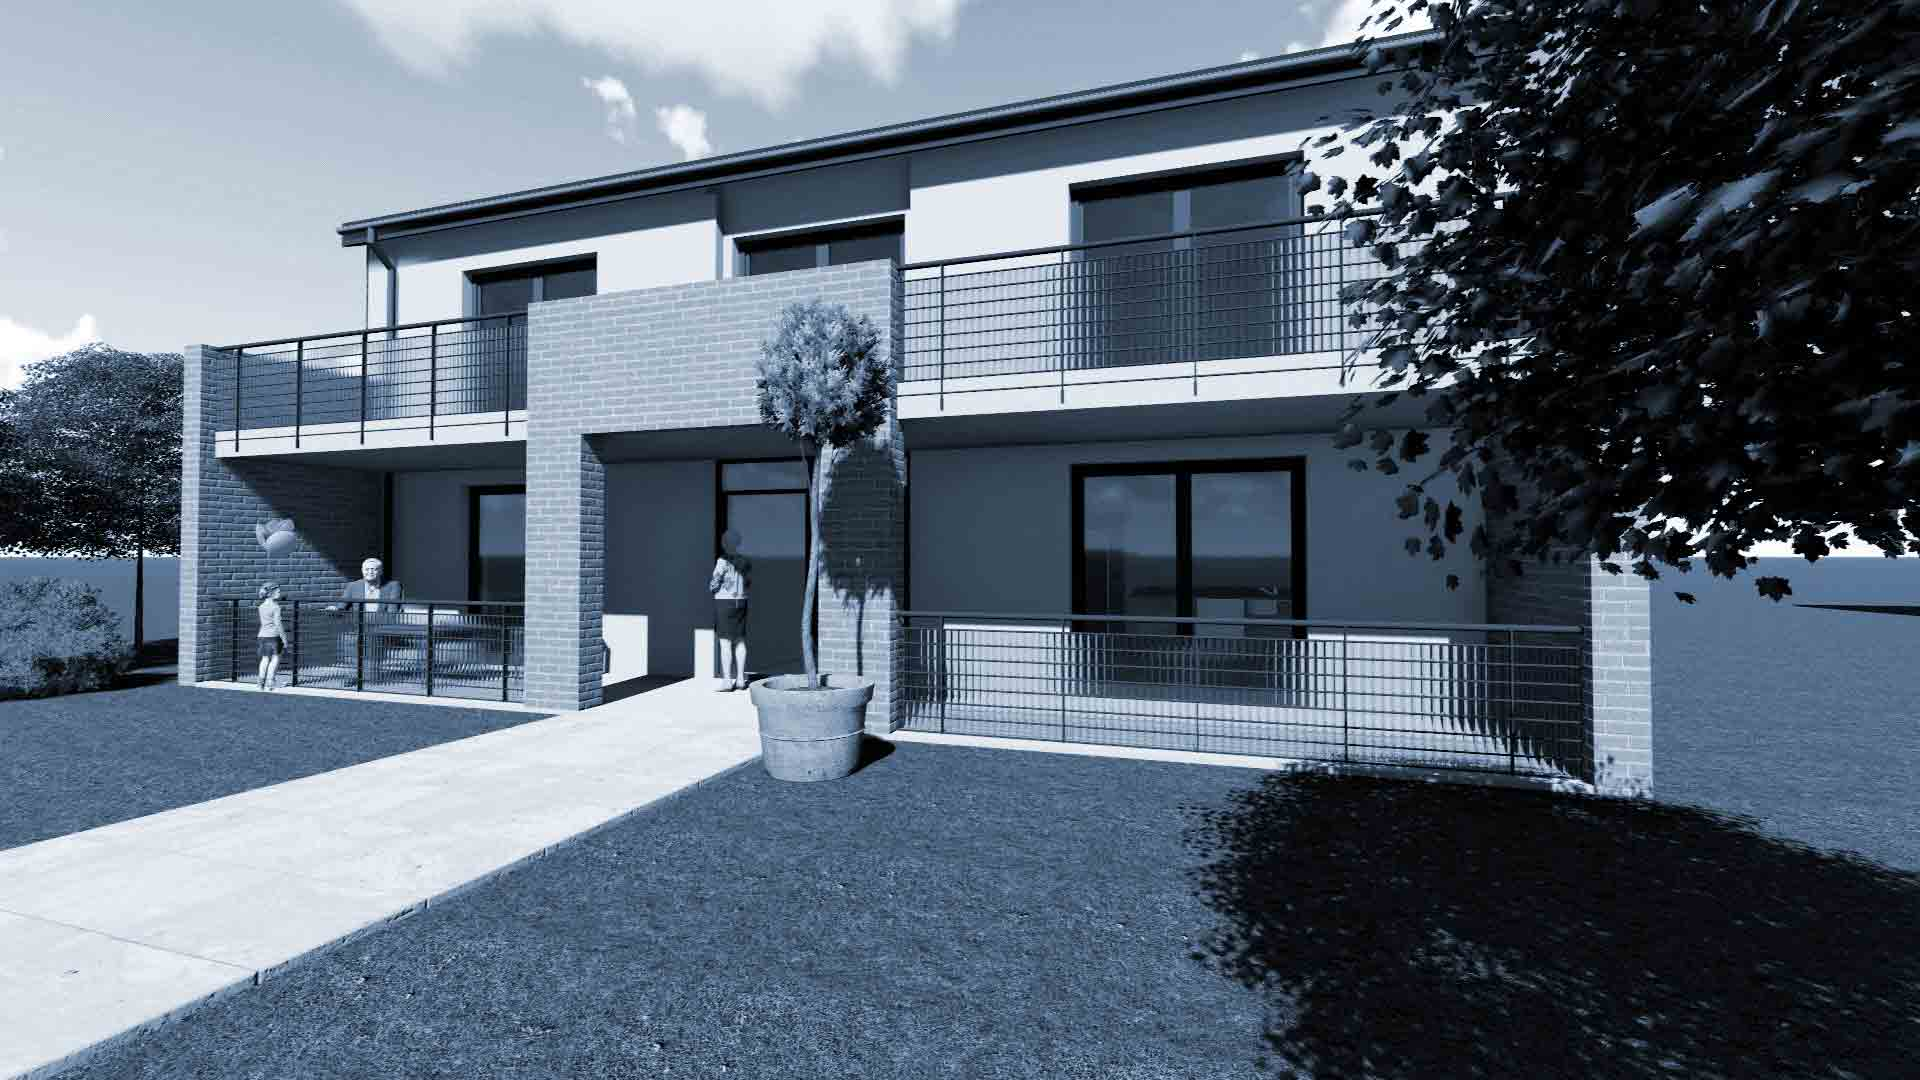 Bezbariérový komunitní dům pro seniory - projekt a dodávka stavby